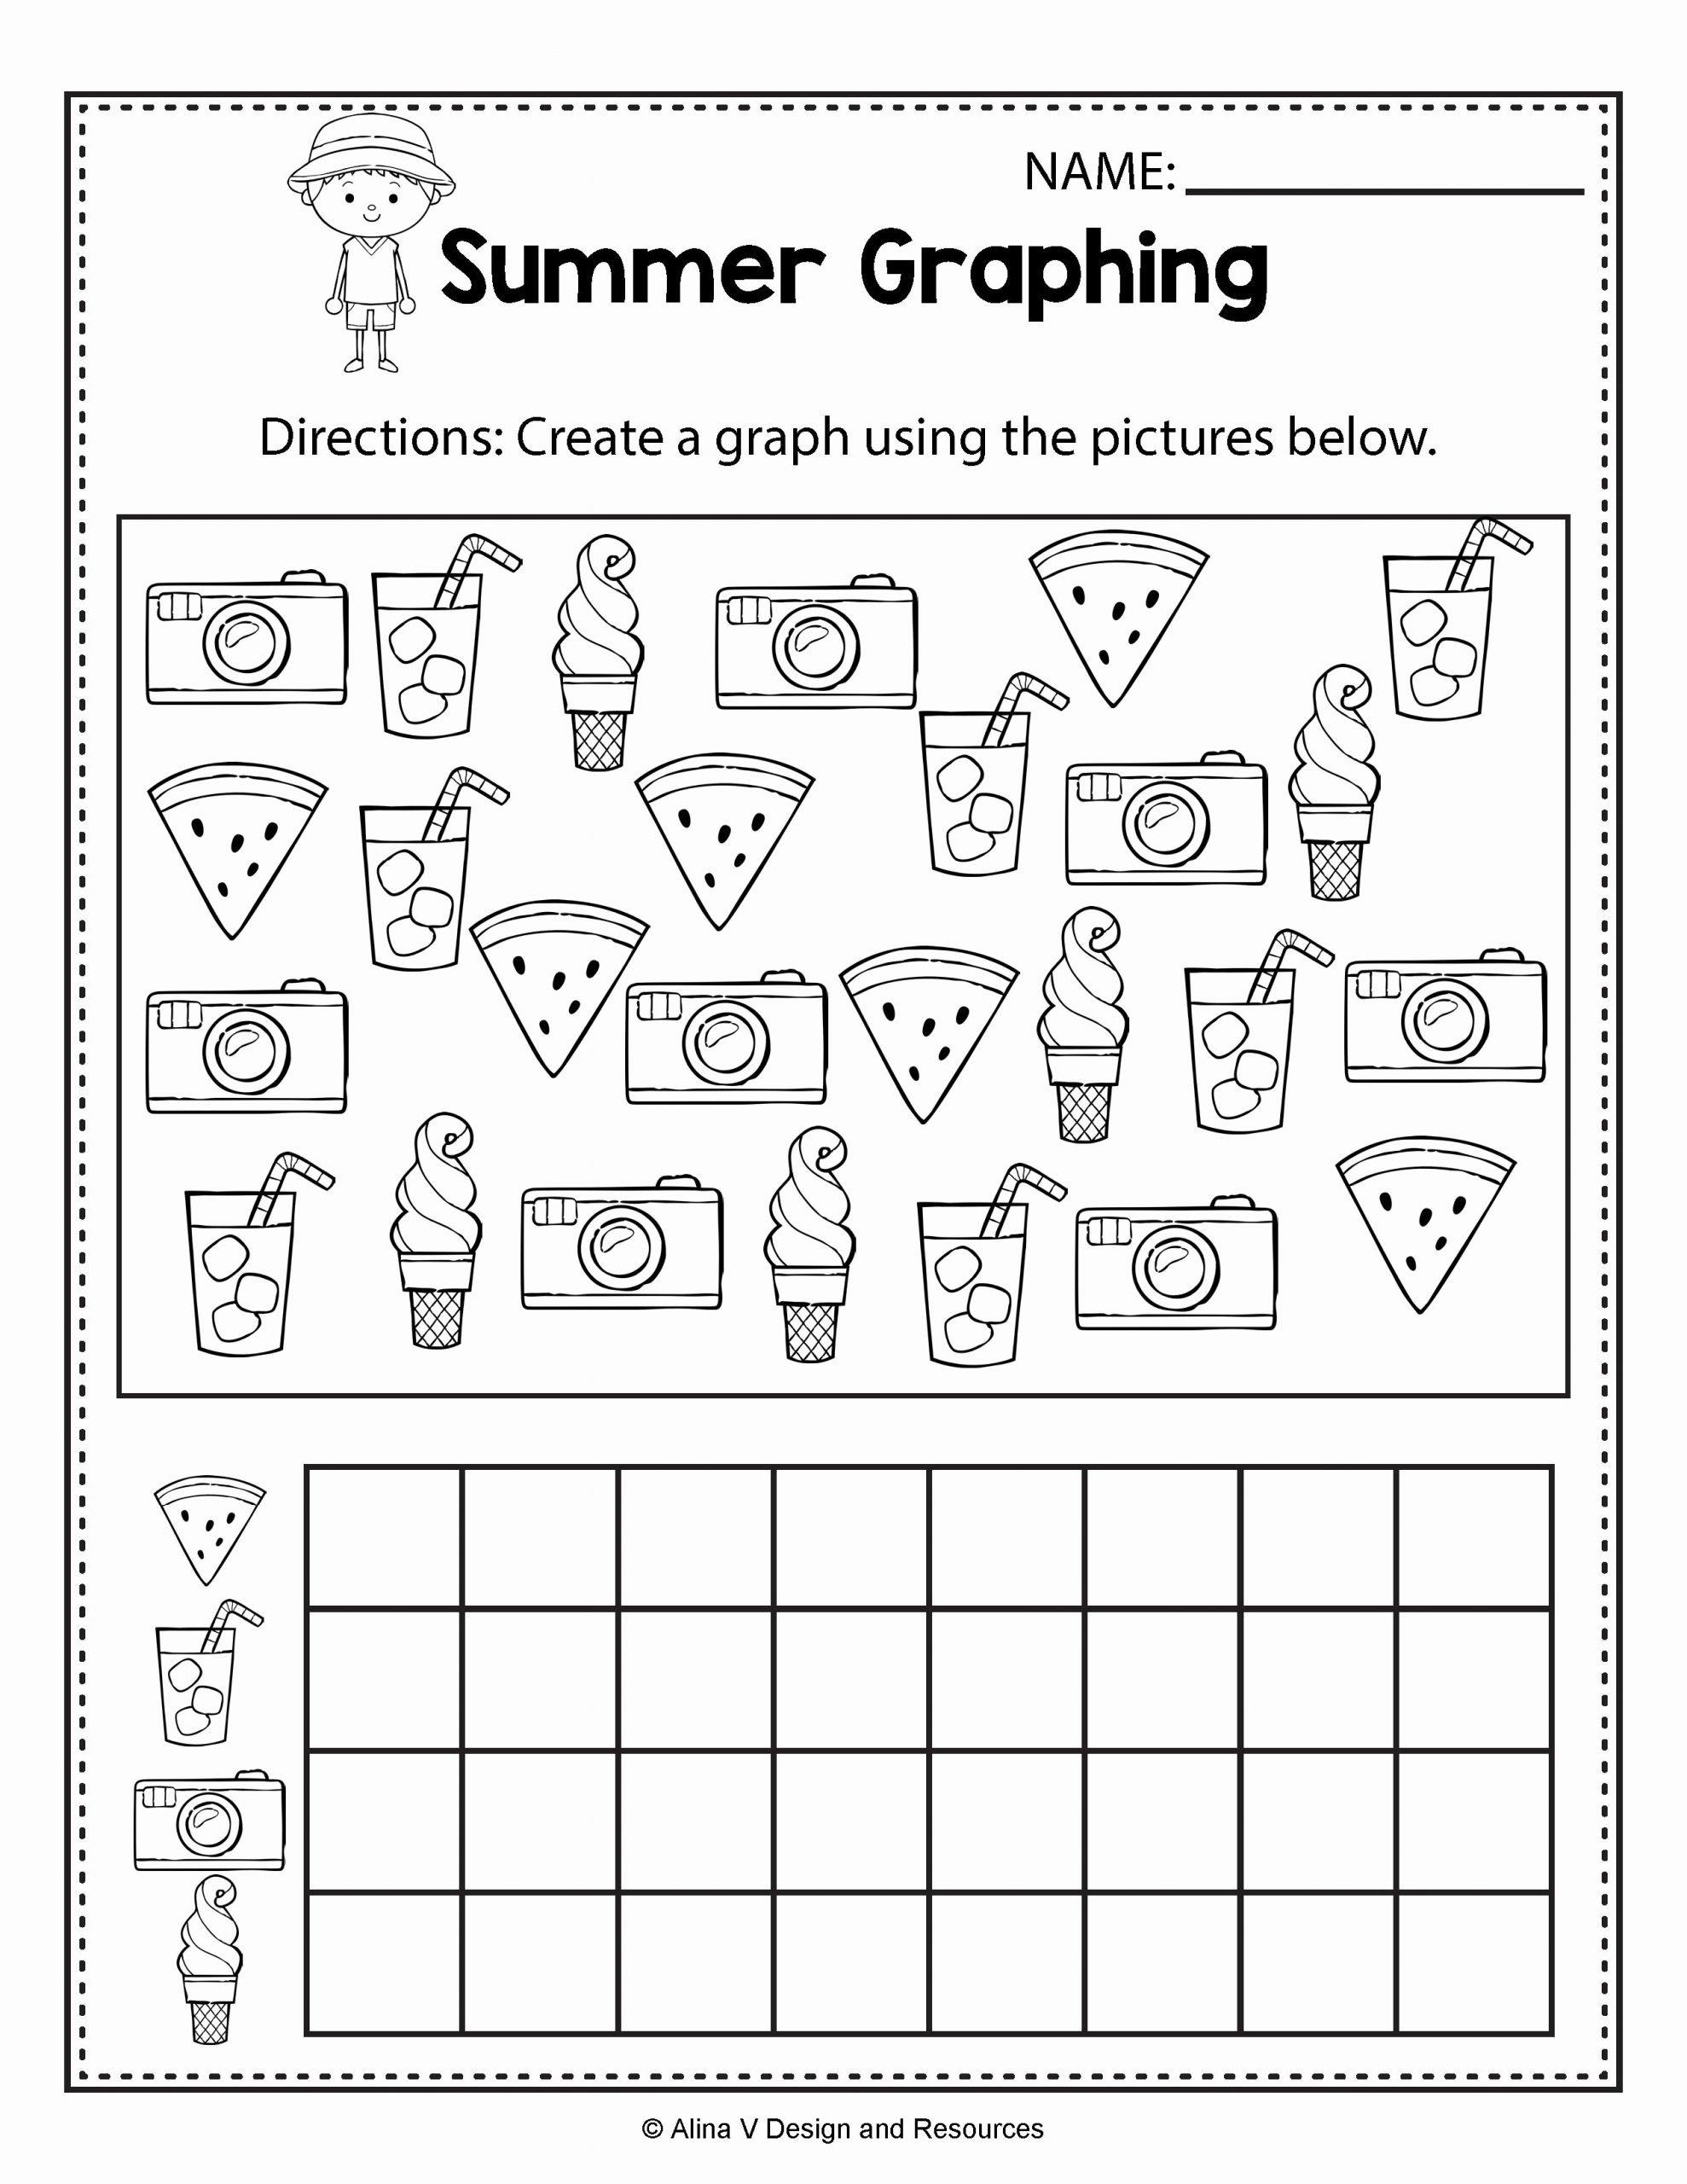 Summer Activities Worksheets for Preschoolers New Summer Graphing Summer Math Worksheets and Activities for